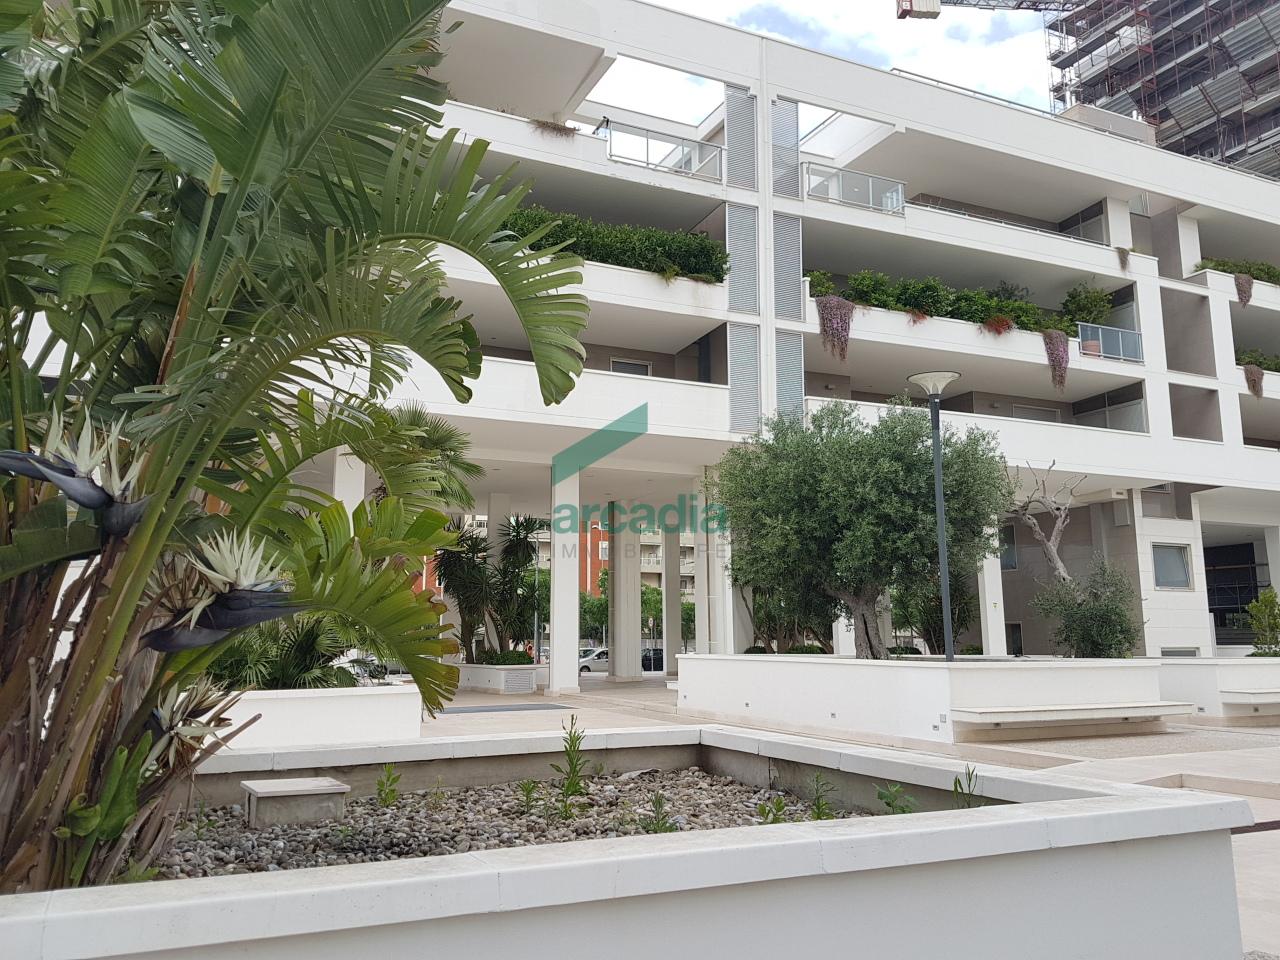 Attico / Mansarda in vendita a Bari, 3 locali, prezzo € 420.000   PortaleAgenzieImmobiliari.it